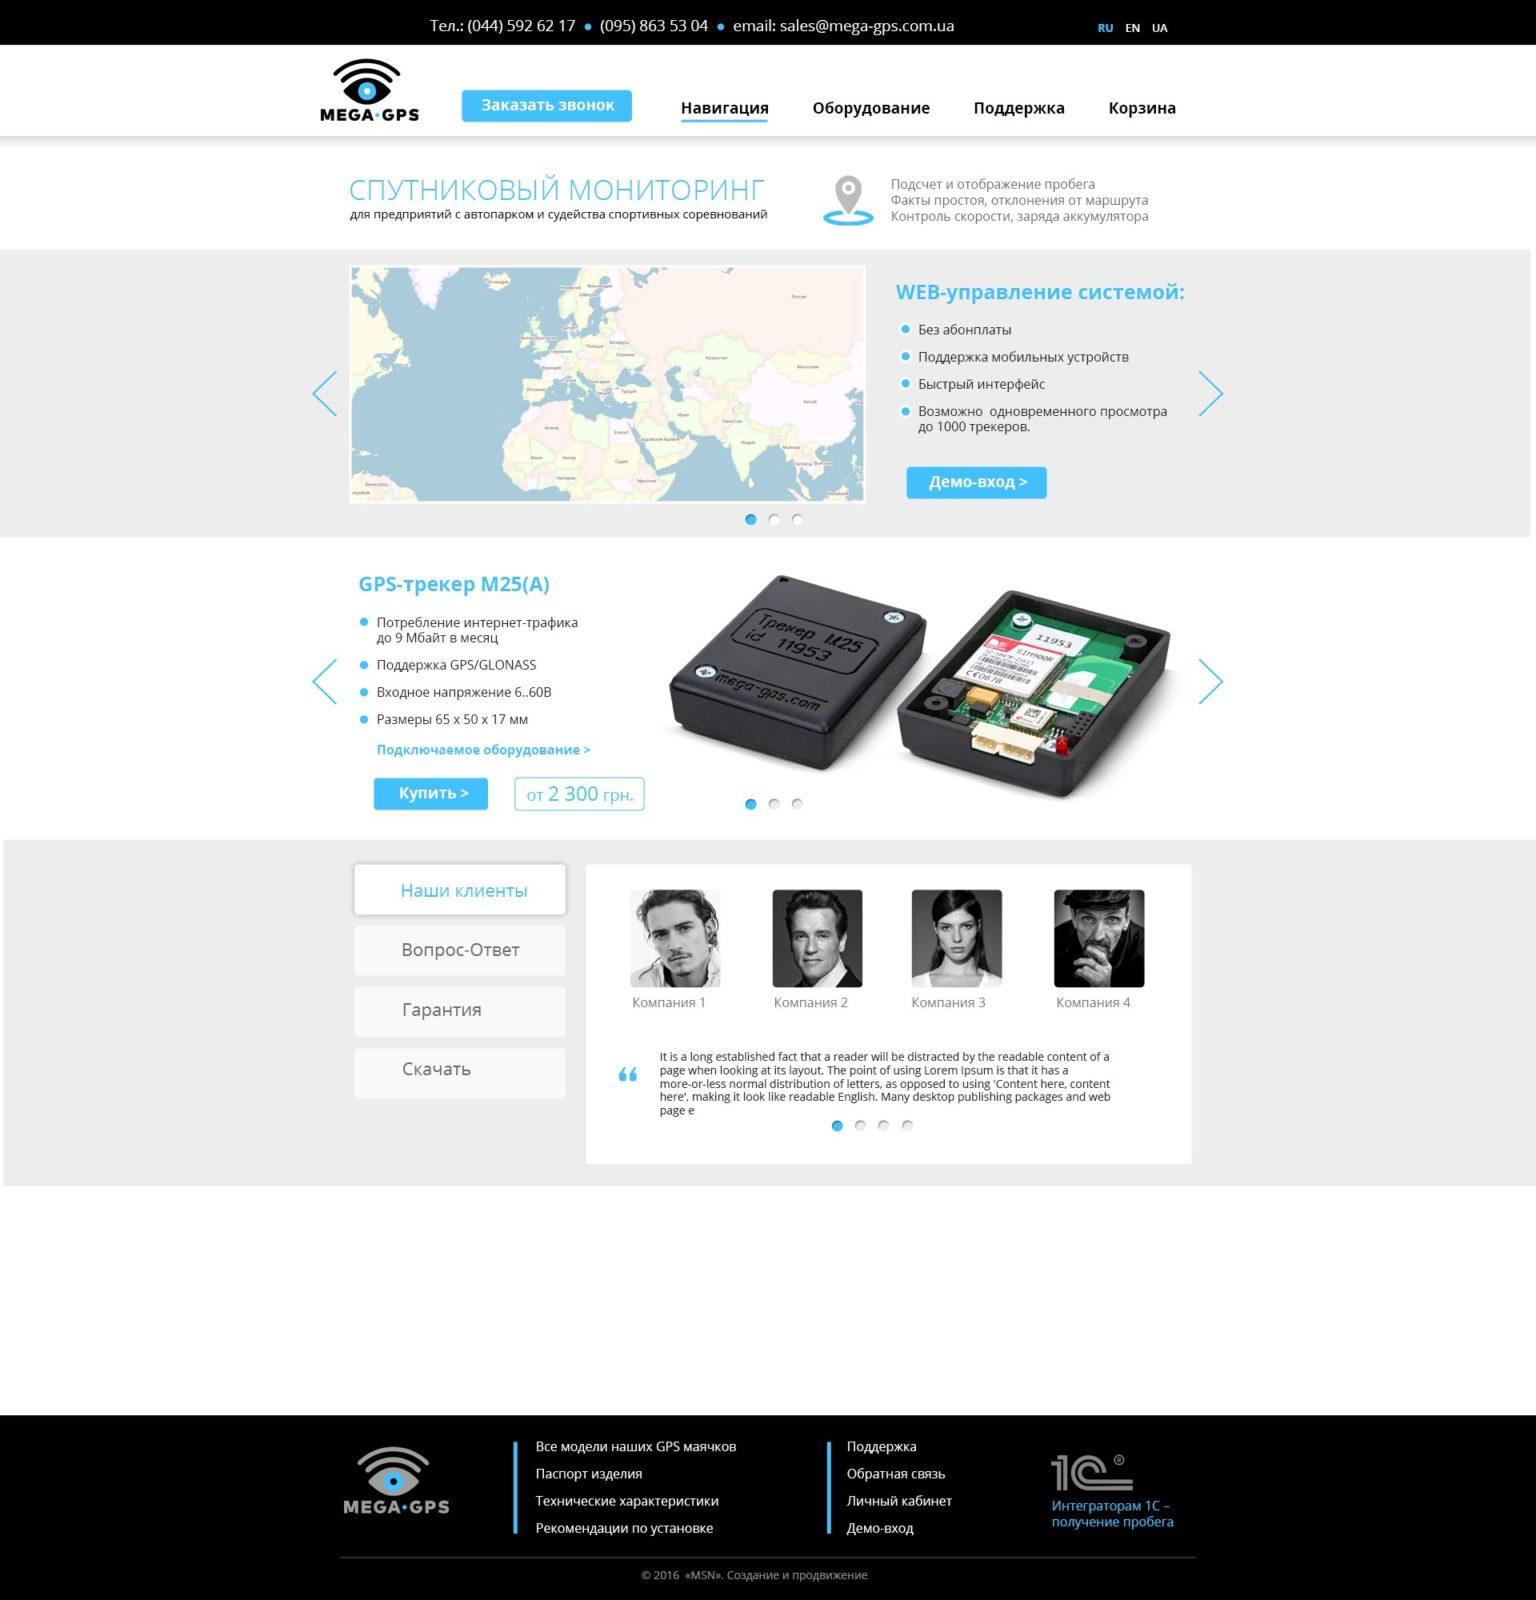 Дизайн для страницы «Mega GPS»